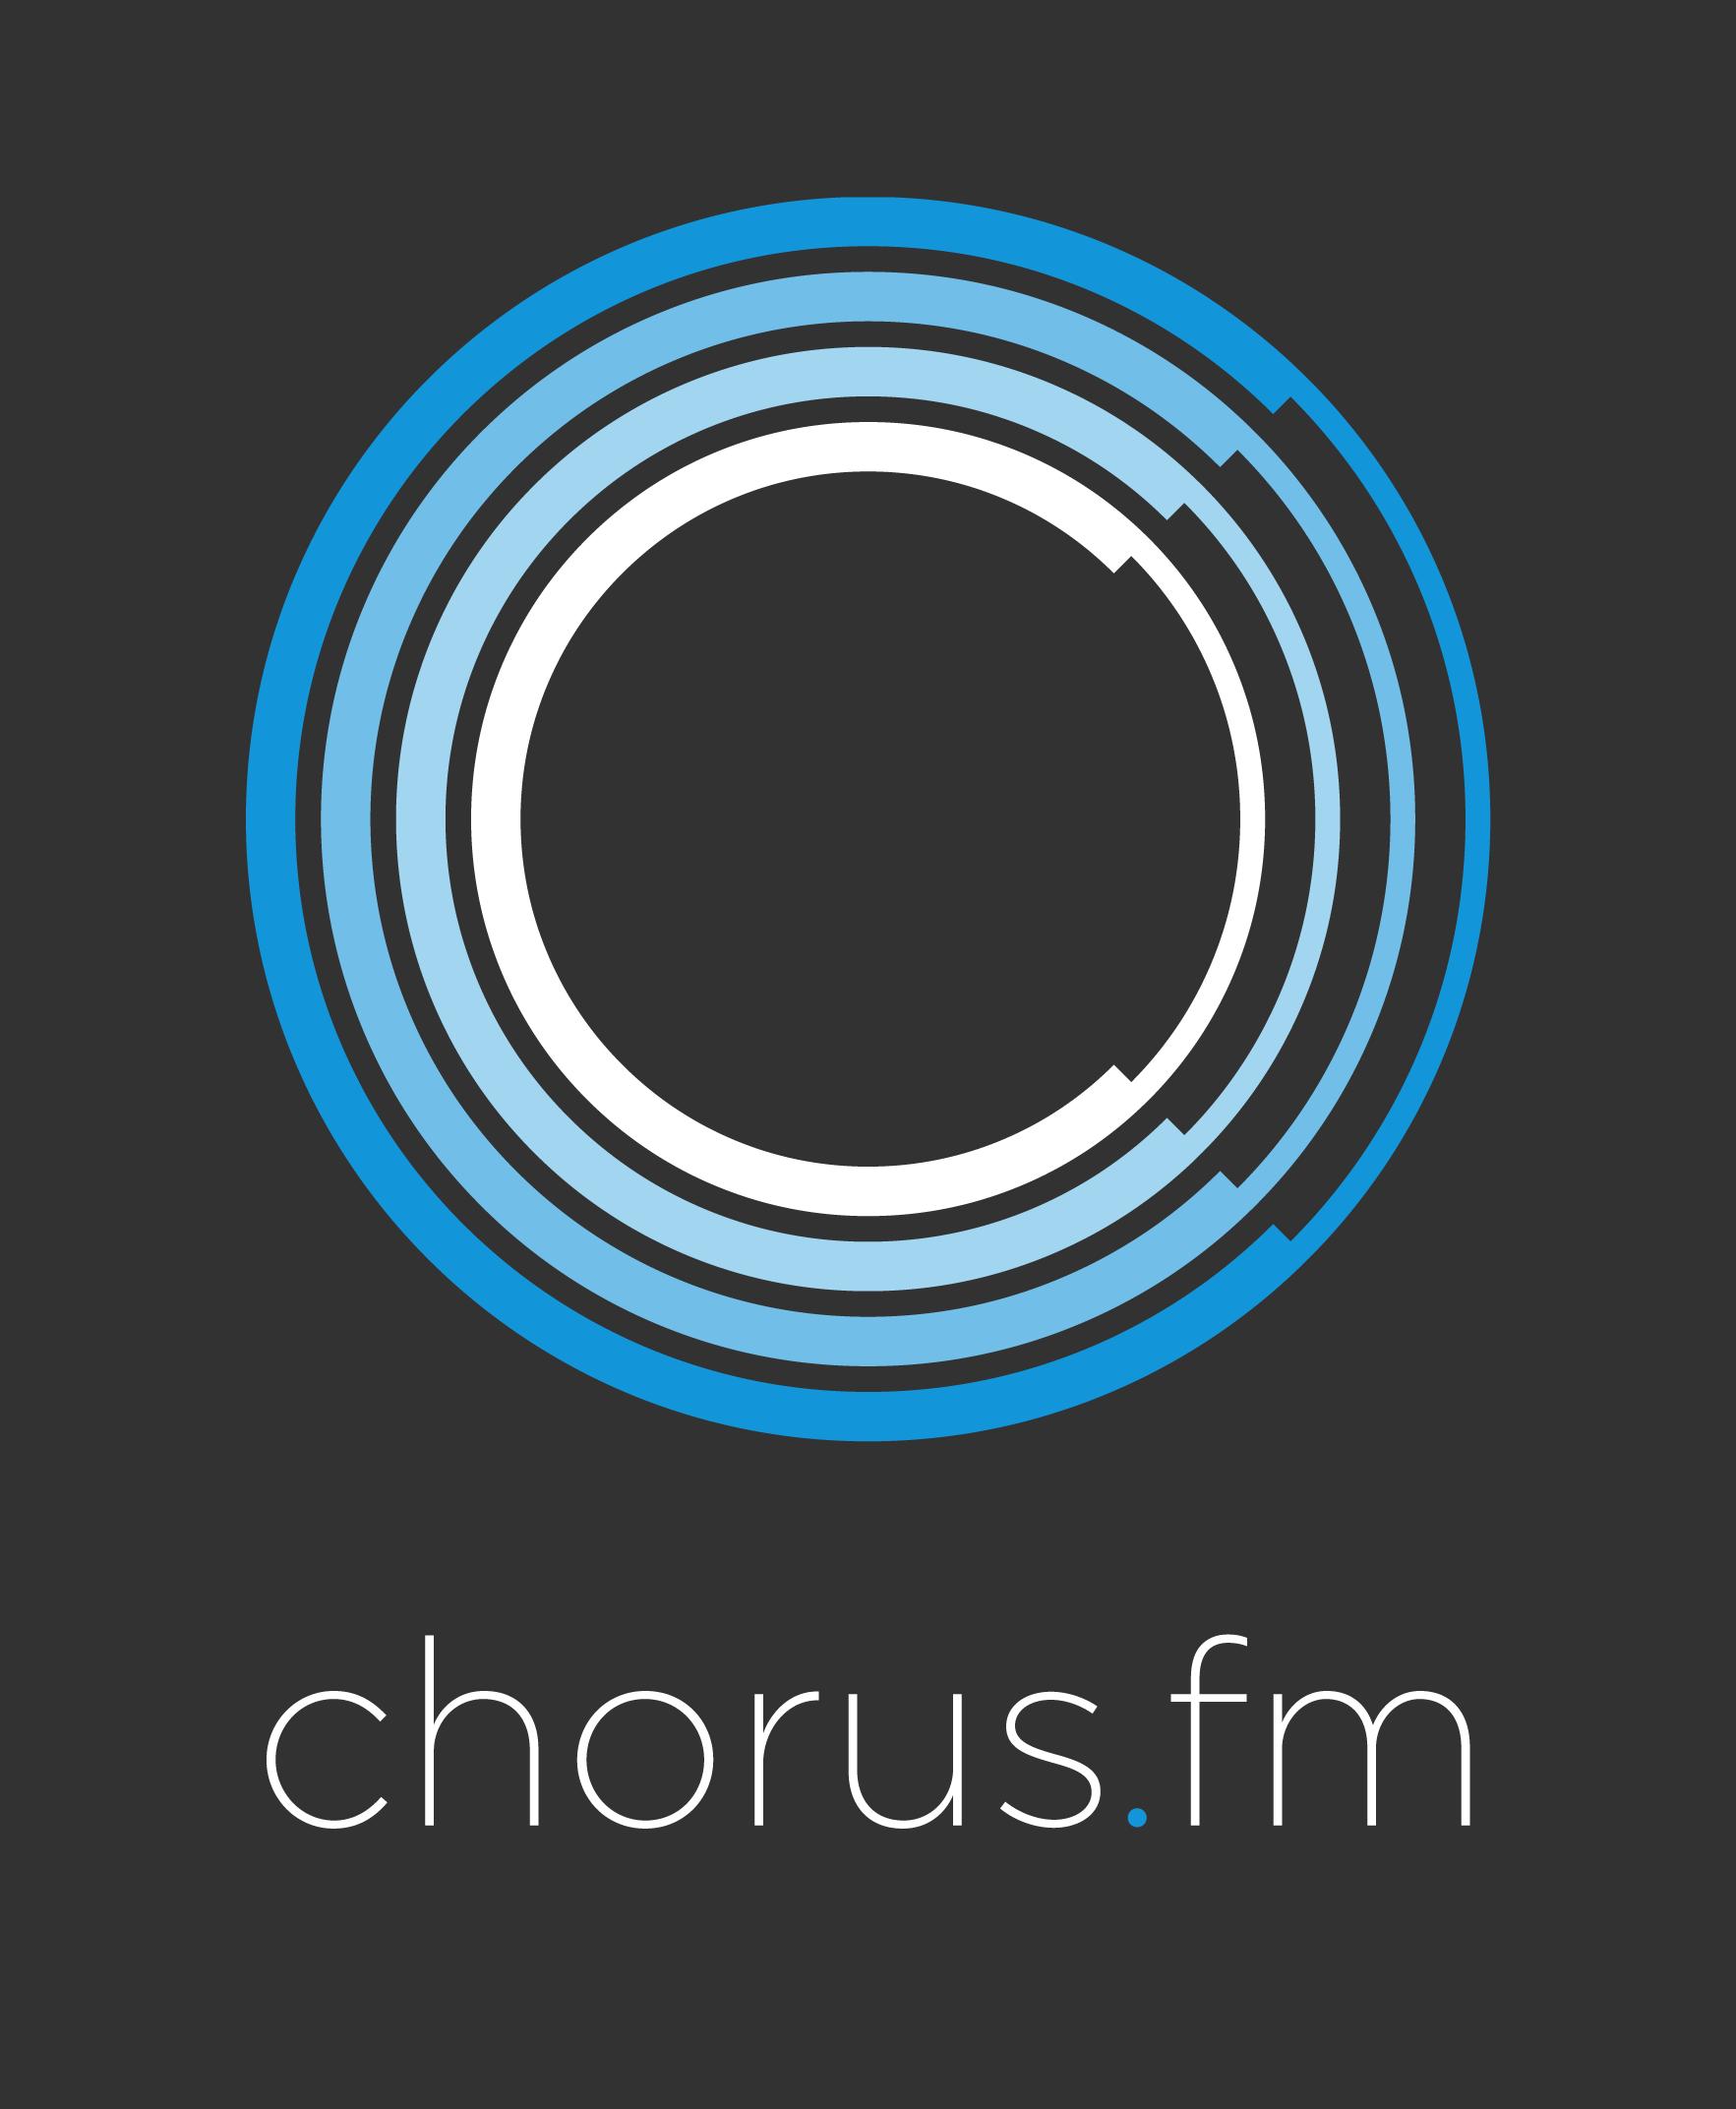 Full Chorus.fm Logo